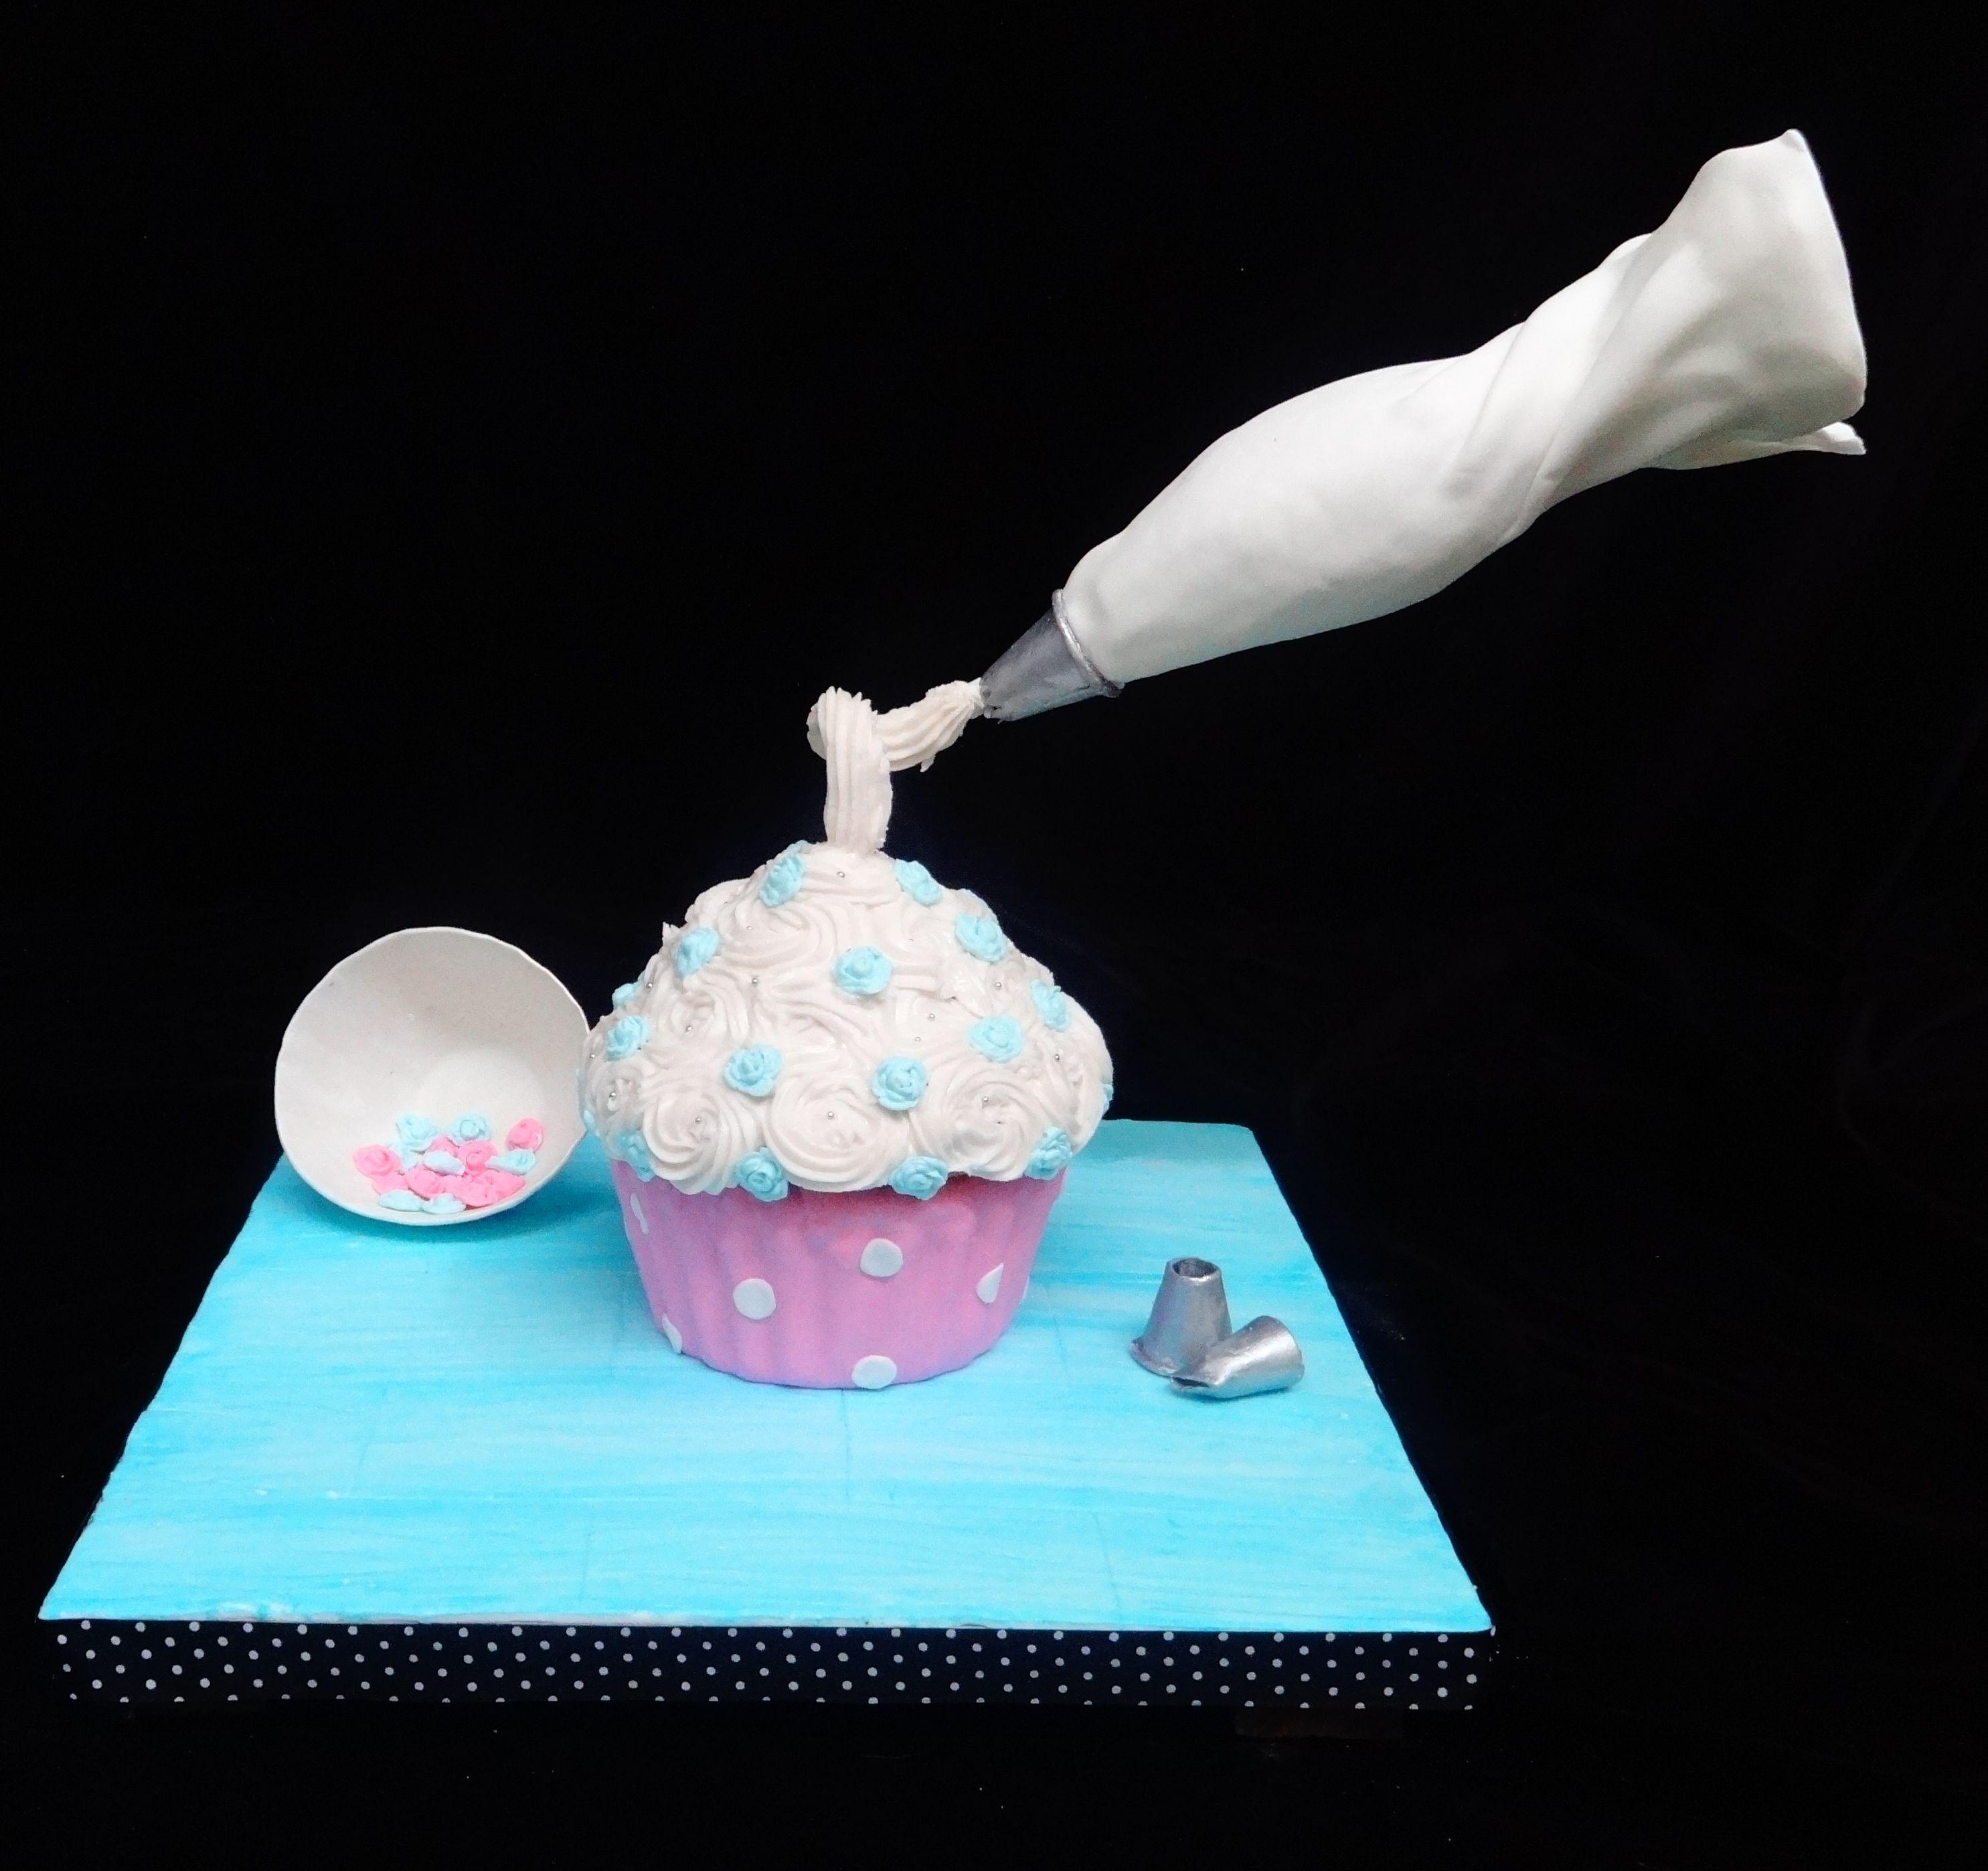 Gravity defying cakes on pinterest gravity defying cake gravity cake and defying gravity - Gravity cake noel ...